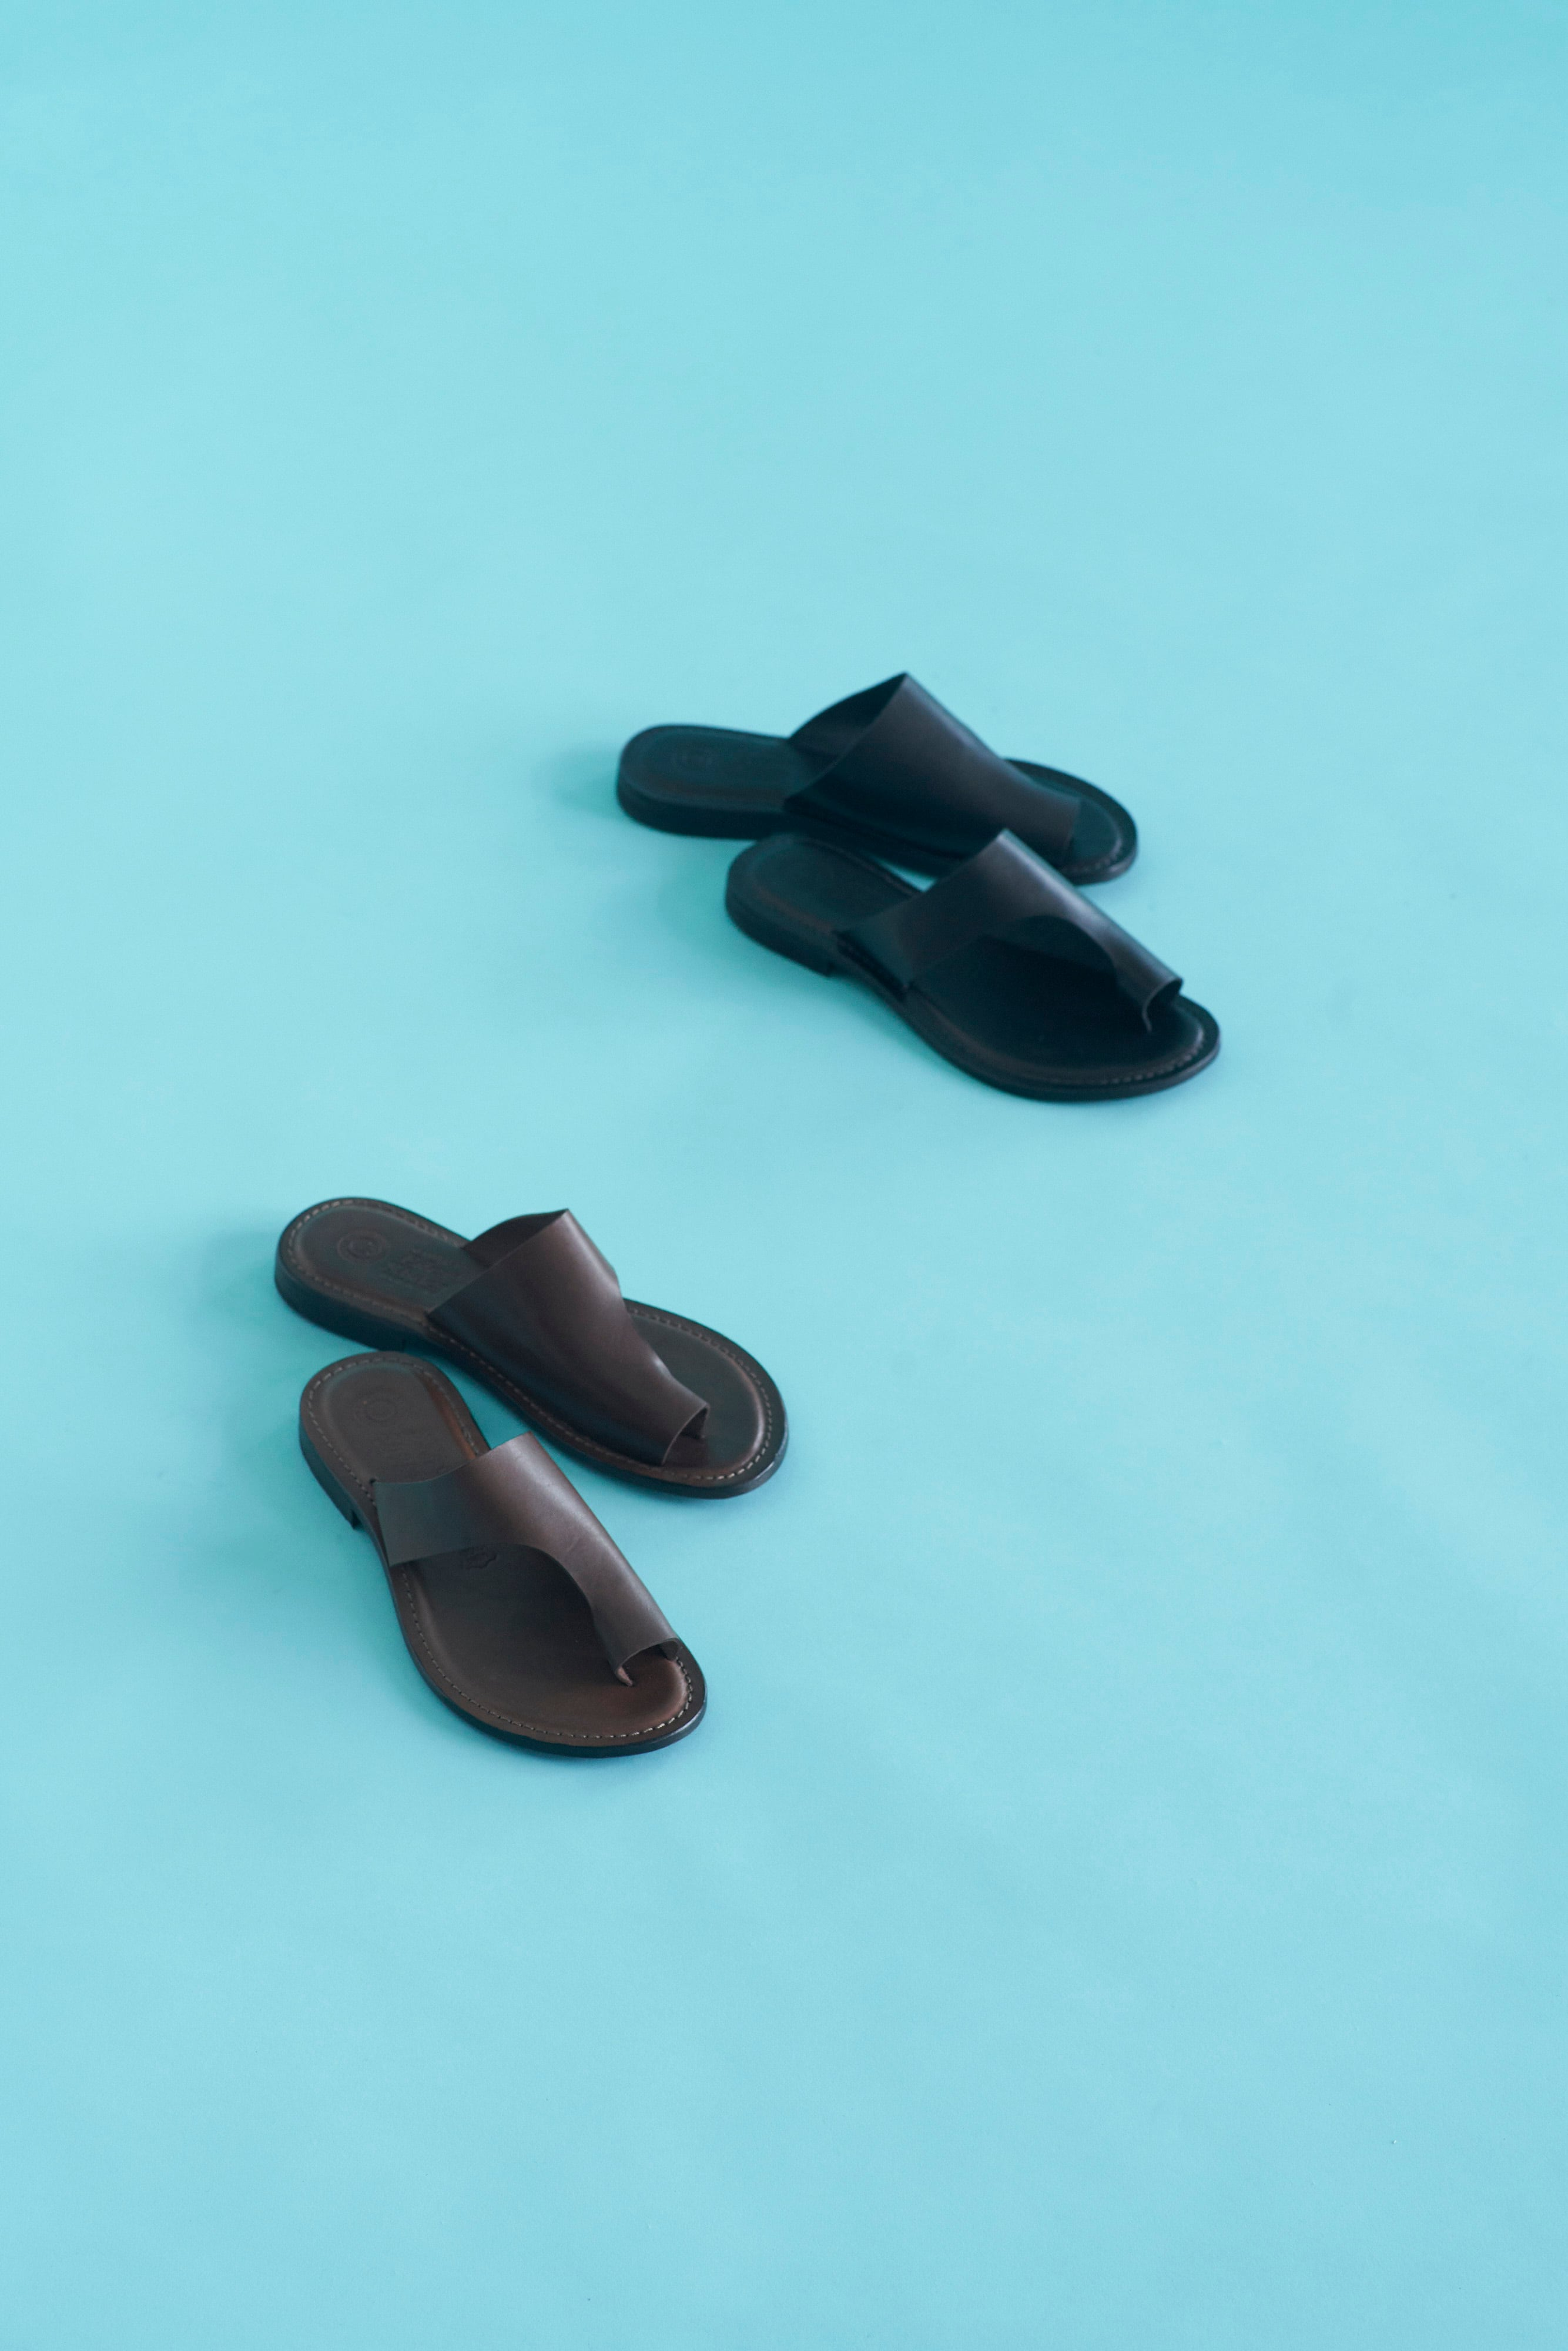 EDER SHOES leather sandal